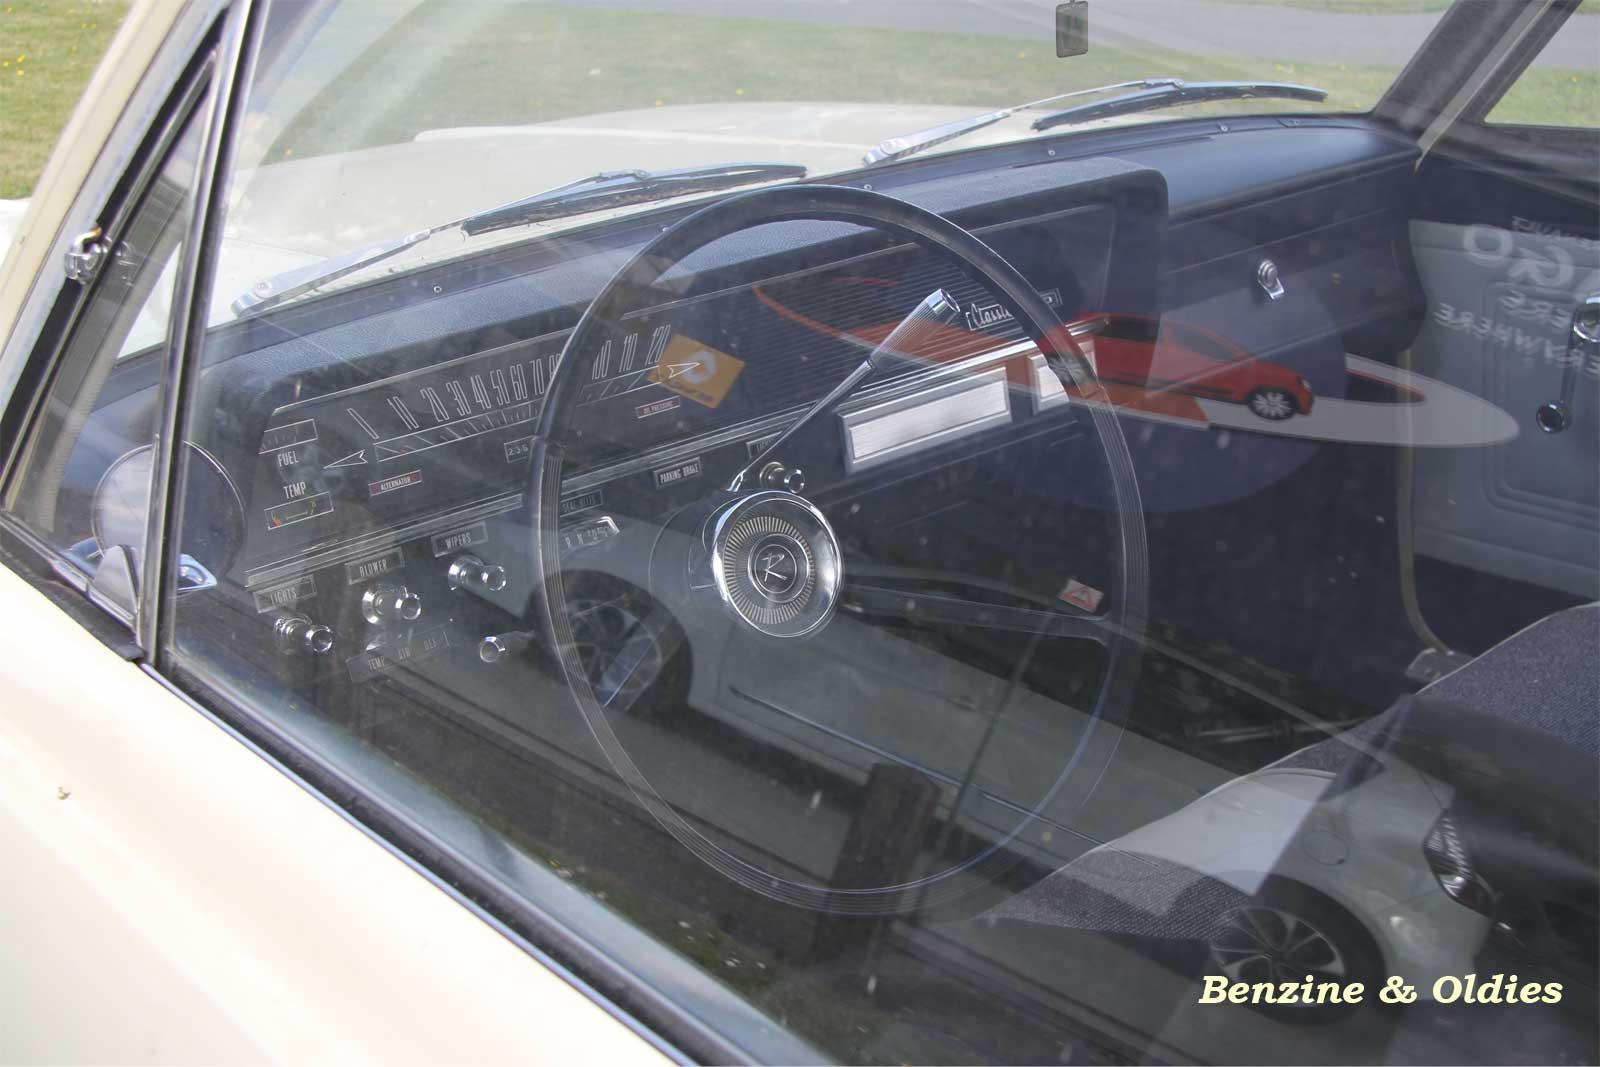 Une Renault Rambler 550 Classic coupé vue sur la route 662271rarmblerstreet08w1600